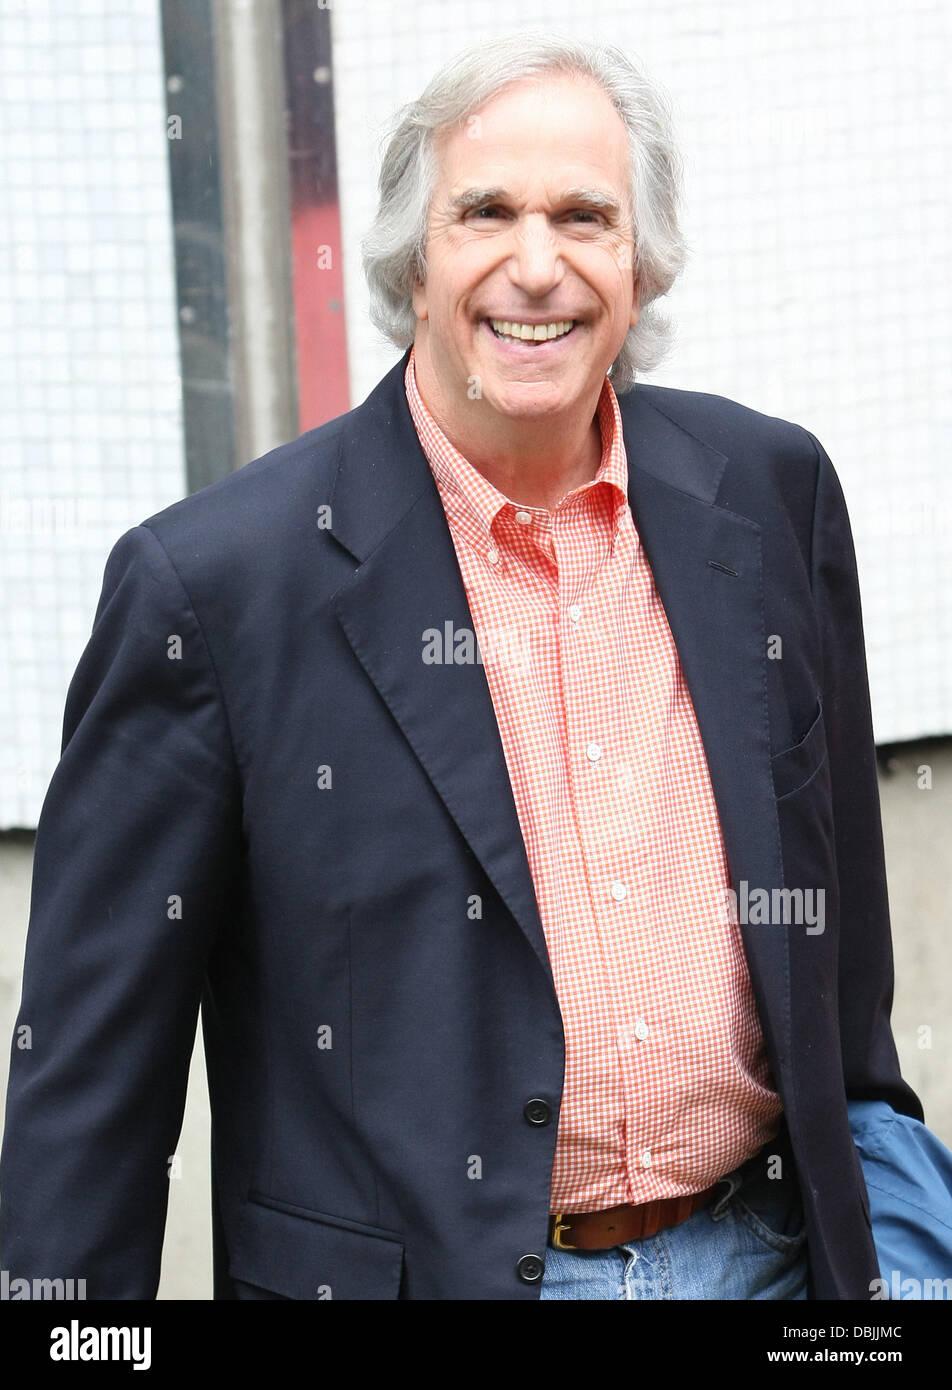 Henry winkler divorced - Henry Winkler Aka The Fonz Outside The Itv Studios London England 22 06 11